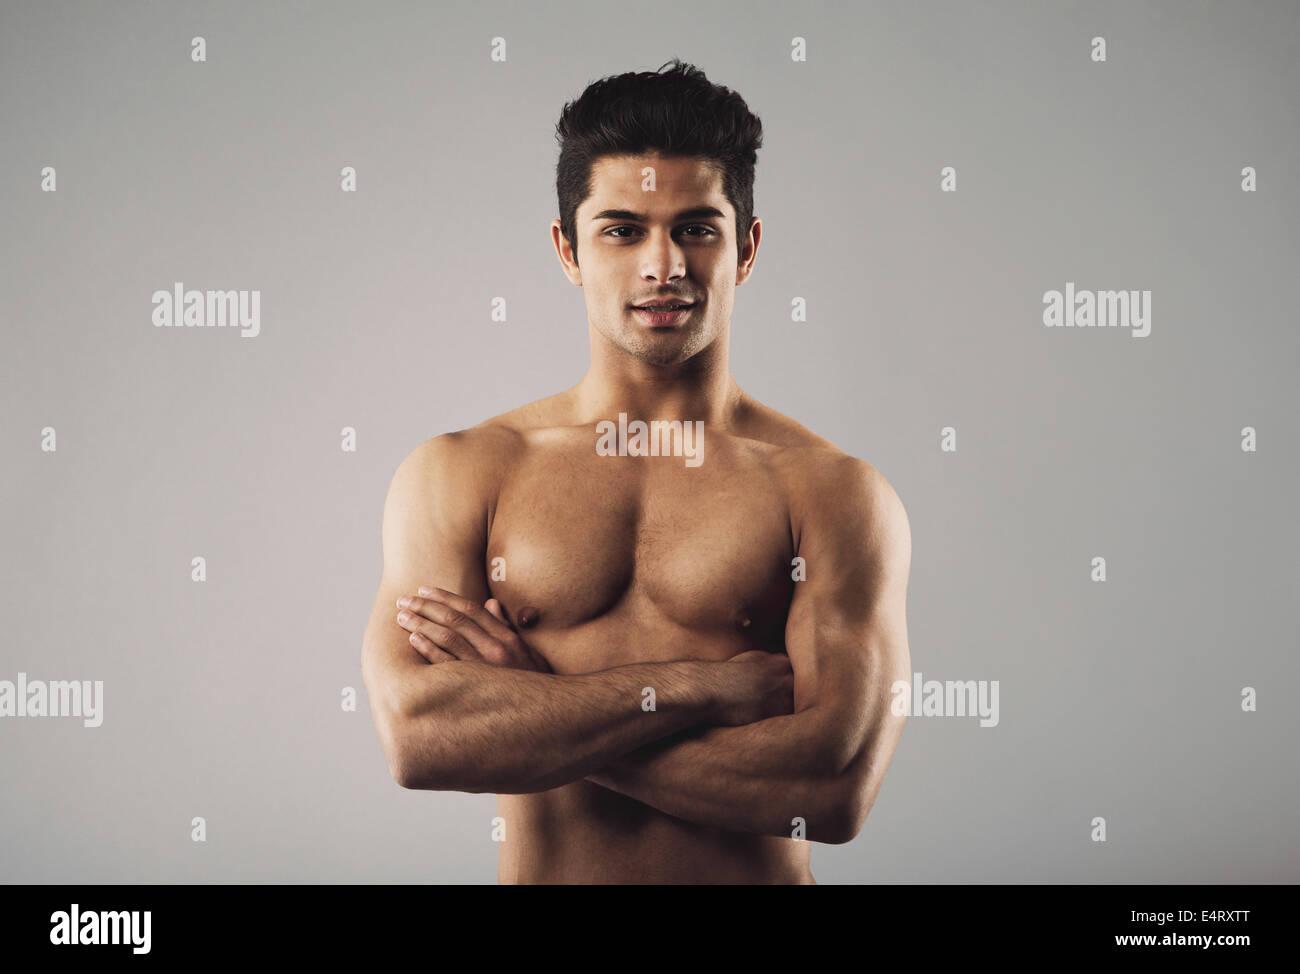 Nackte männliche Modellbilder